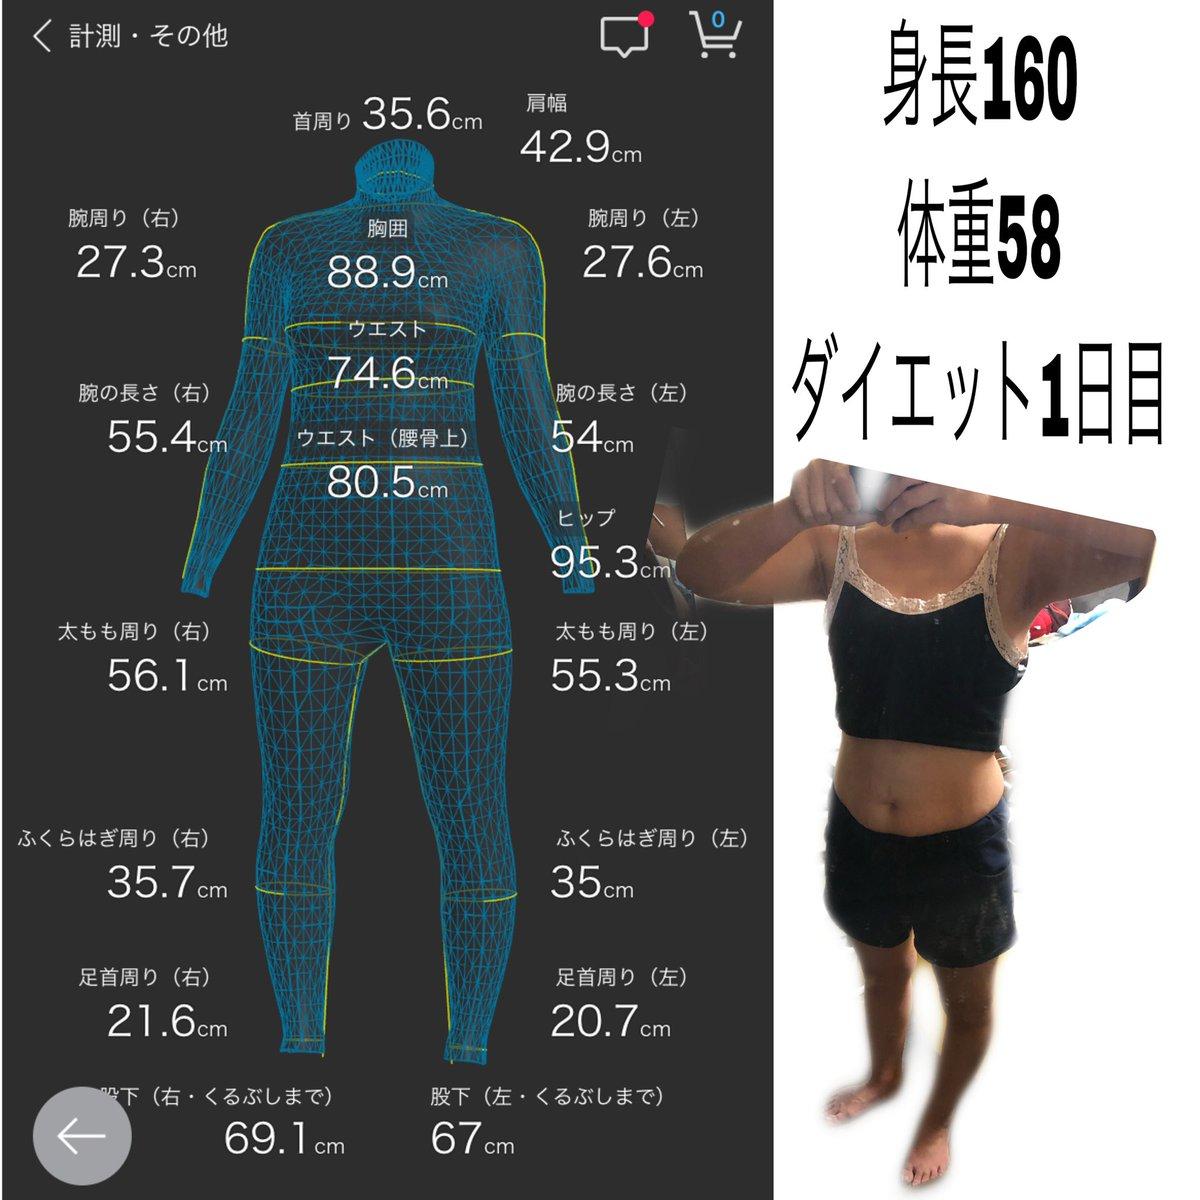 160 センチ 50 キロ